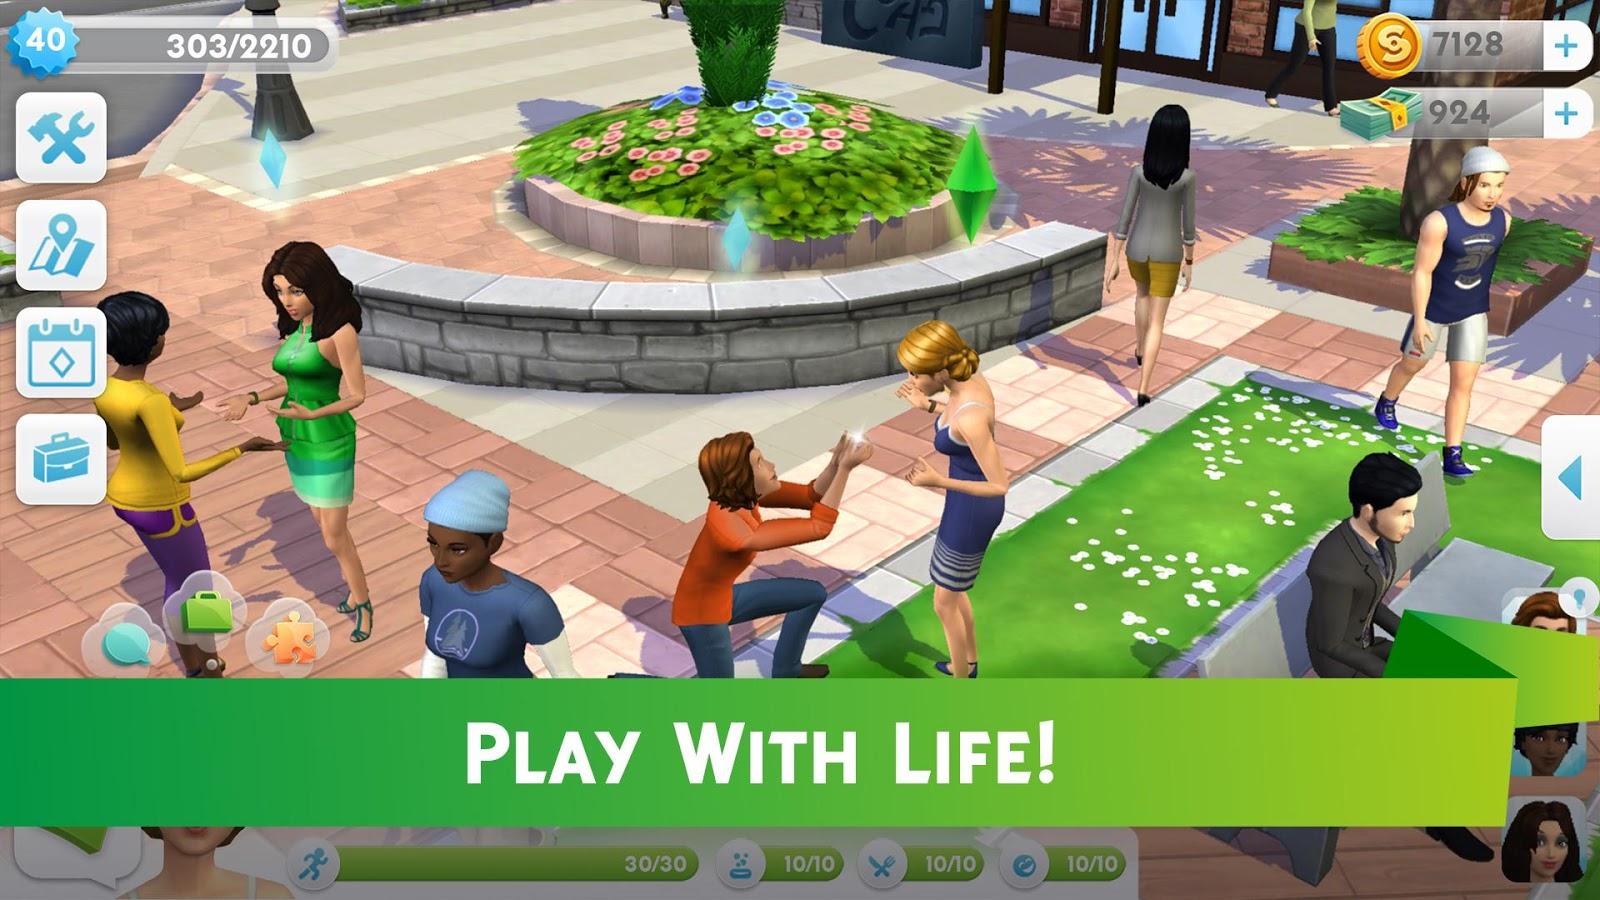 Скачать игру sims 4 со всеми дополнениями